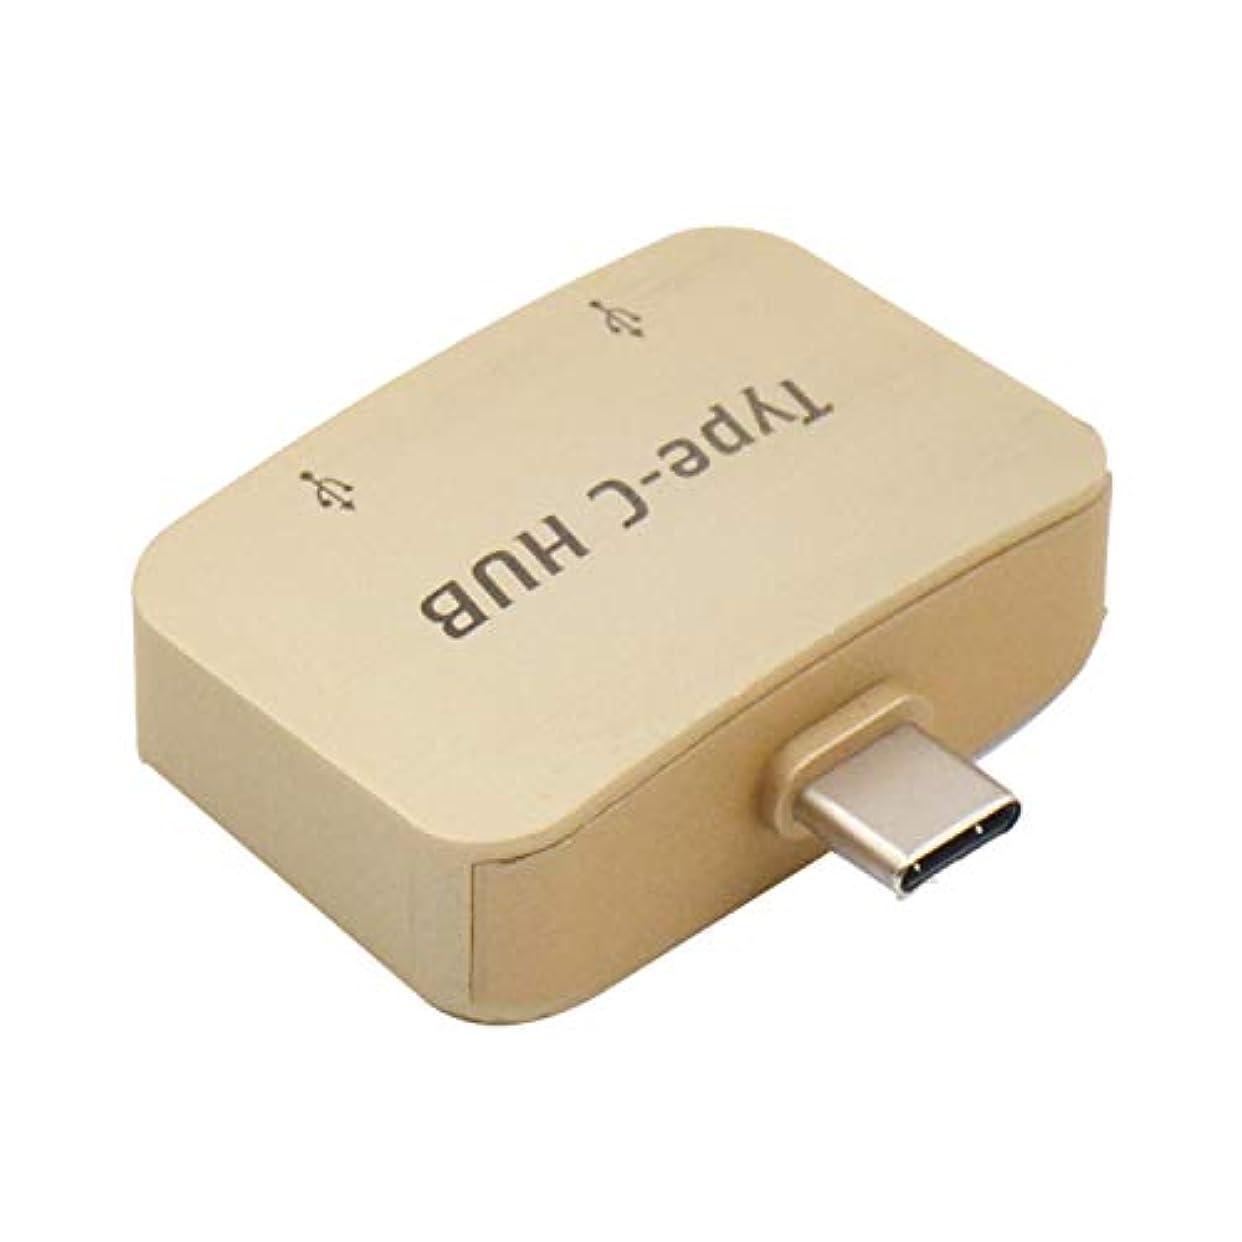 クリエイティブ威信警官SODIAL OTG Type-C USB CアダプターTypeC - USB 3.0コンバータ2 USBインターフェイスAndroidタブレット携帯電話ケーブル Huawei用(ゴールド)